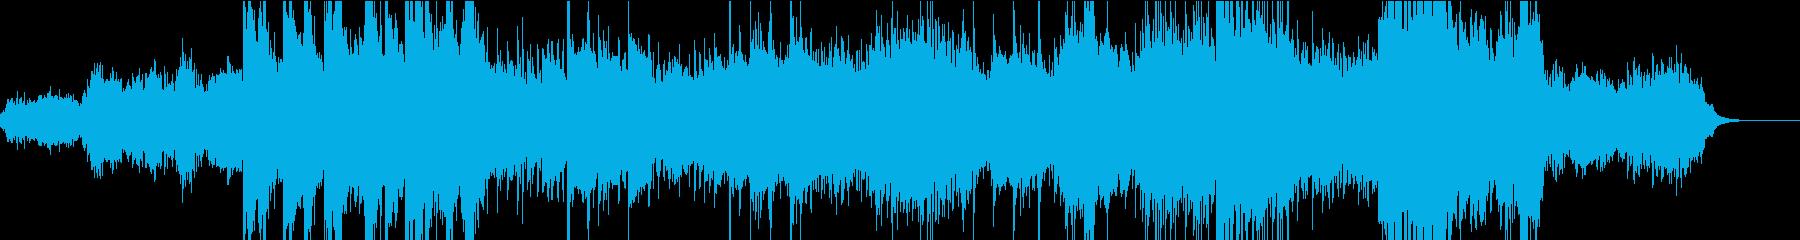 ストリングスとガムランのスローな南国風の再生済みの波形